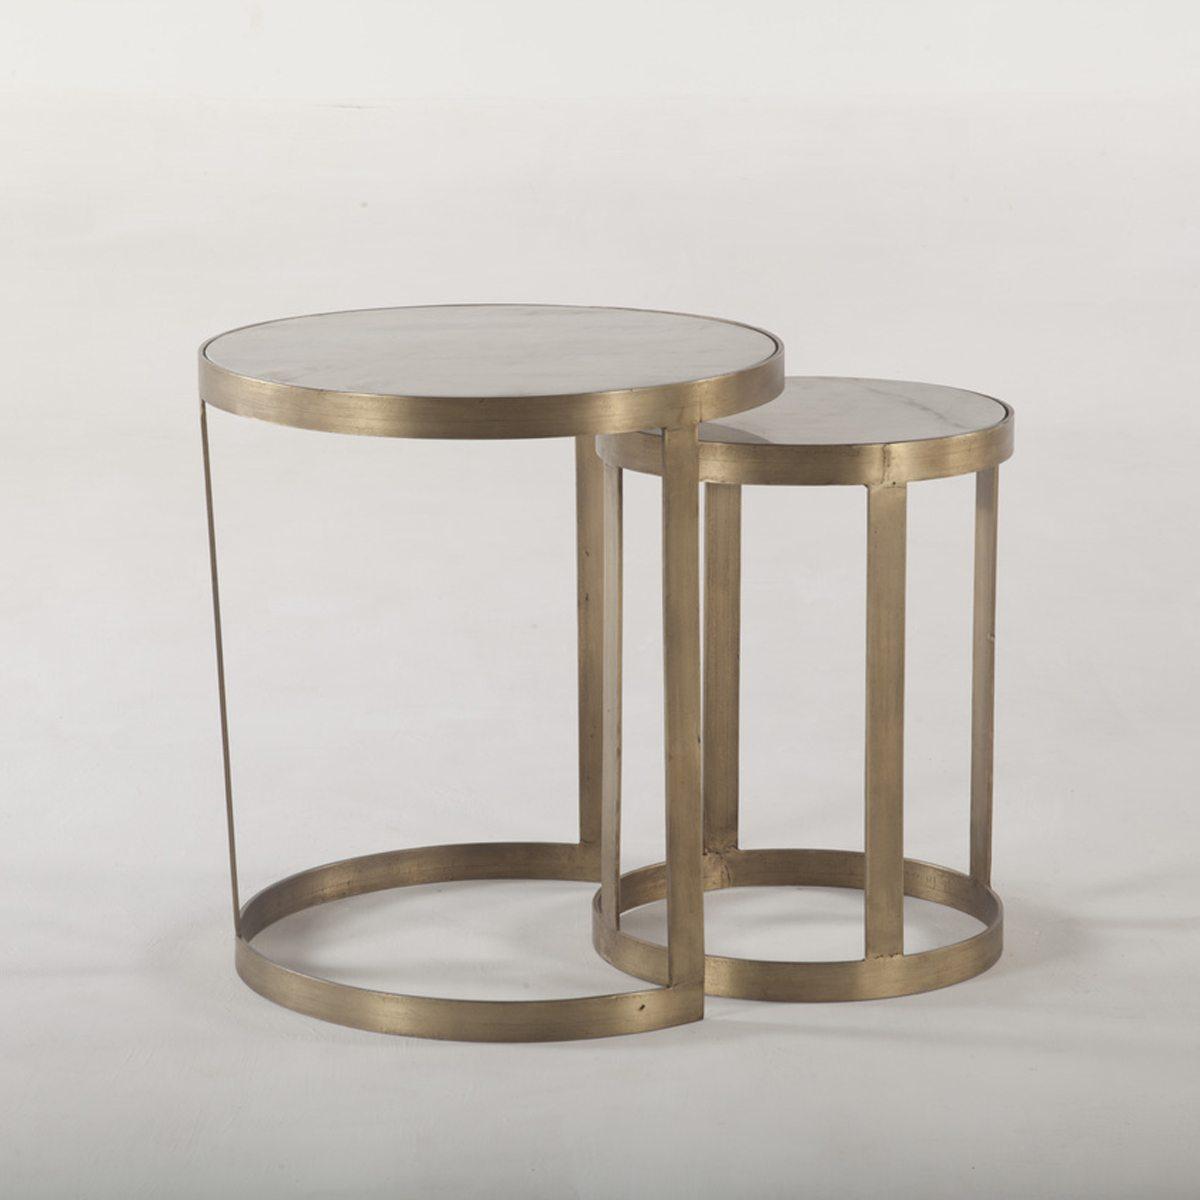 michaelangelo-nesting-side-table